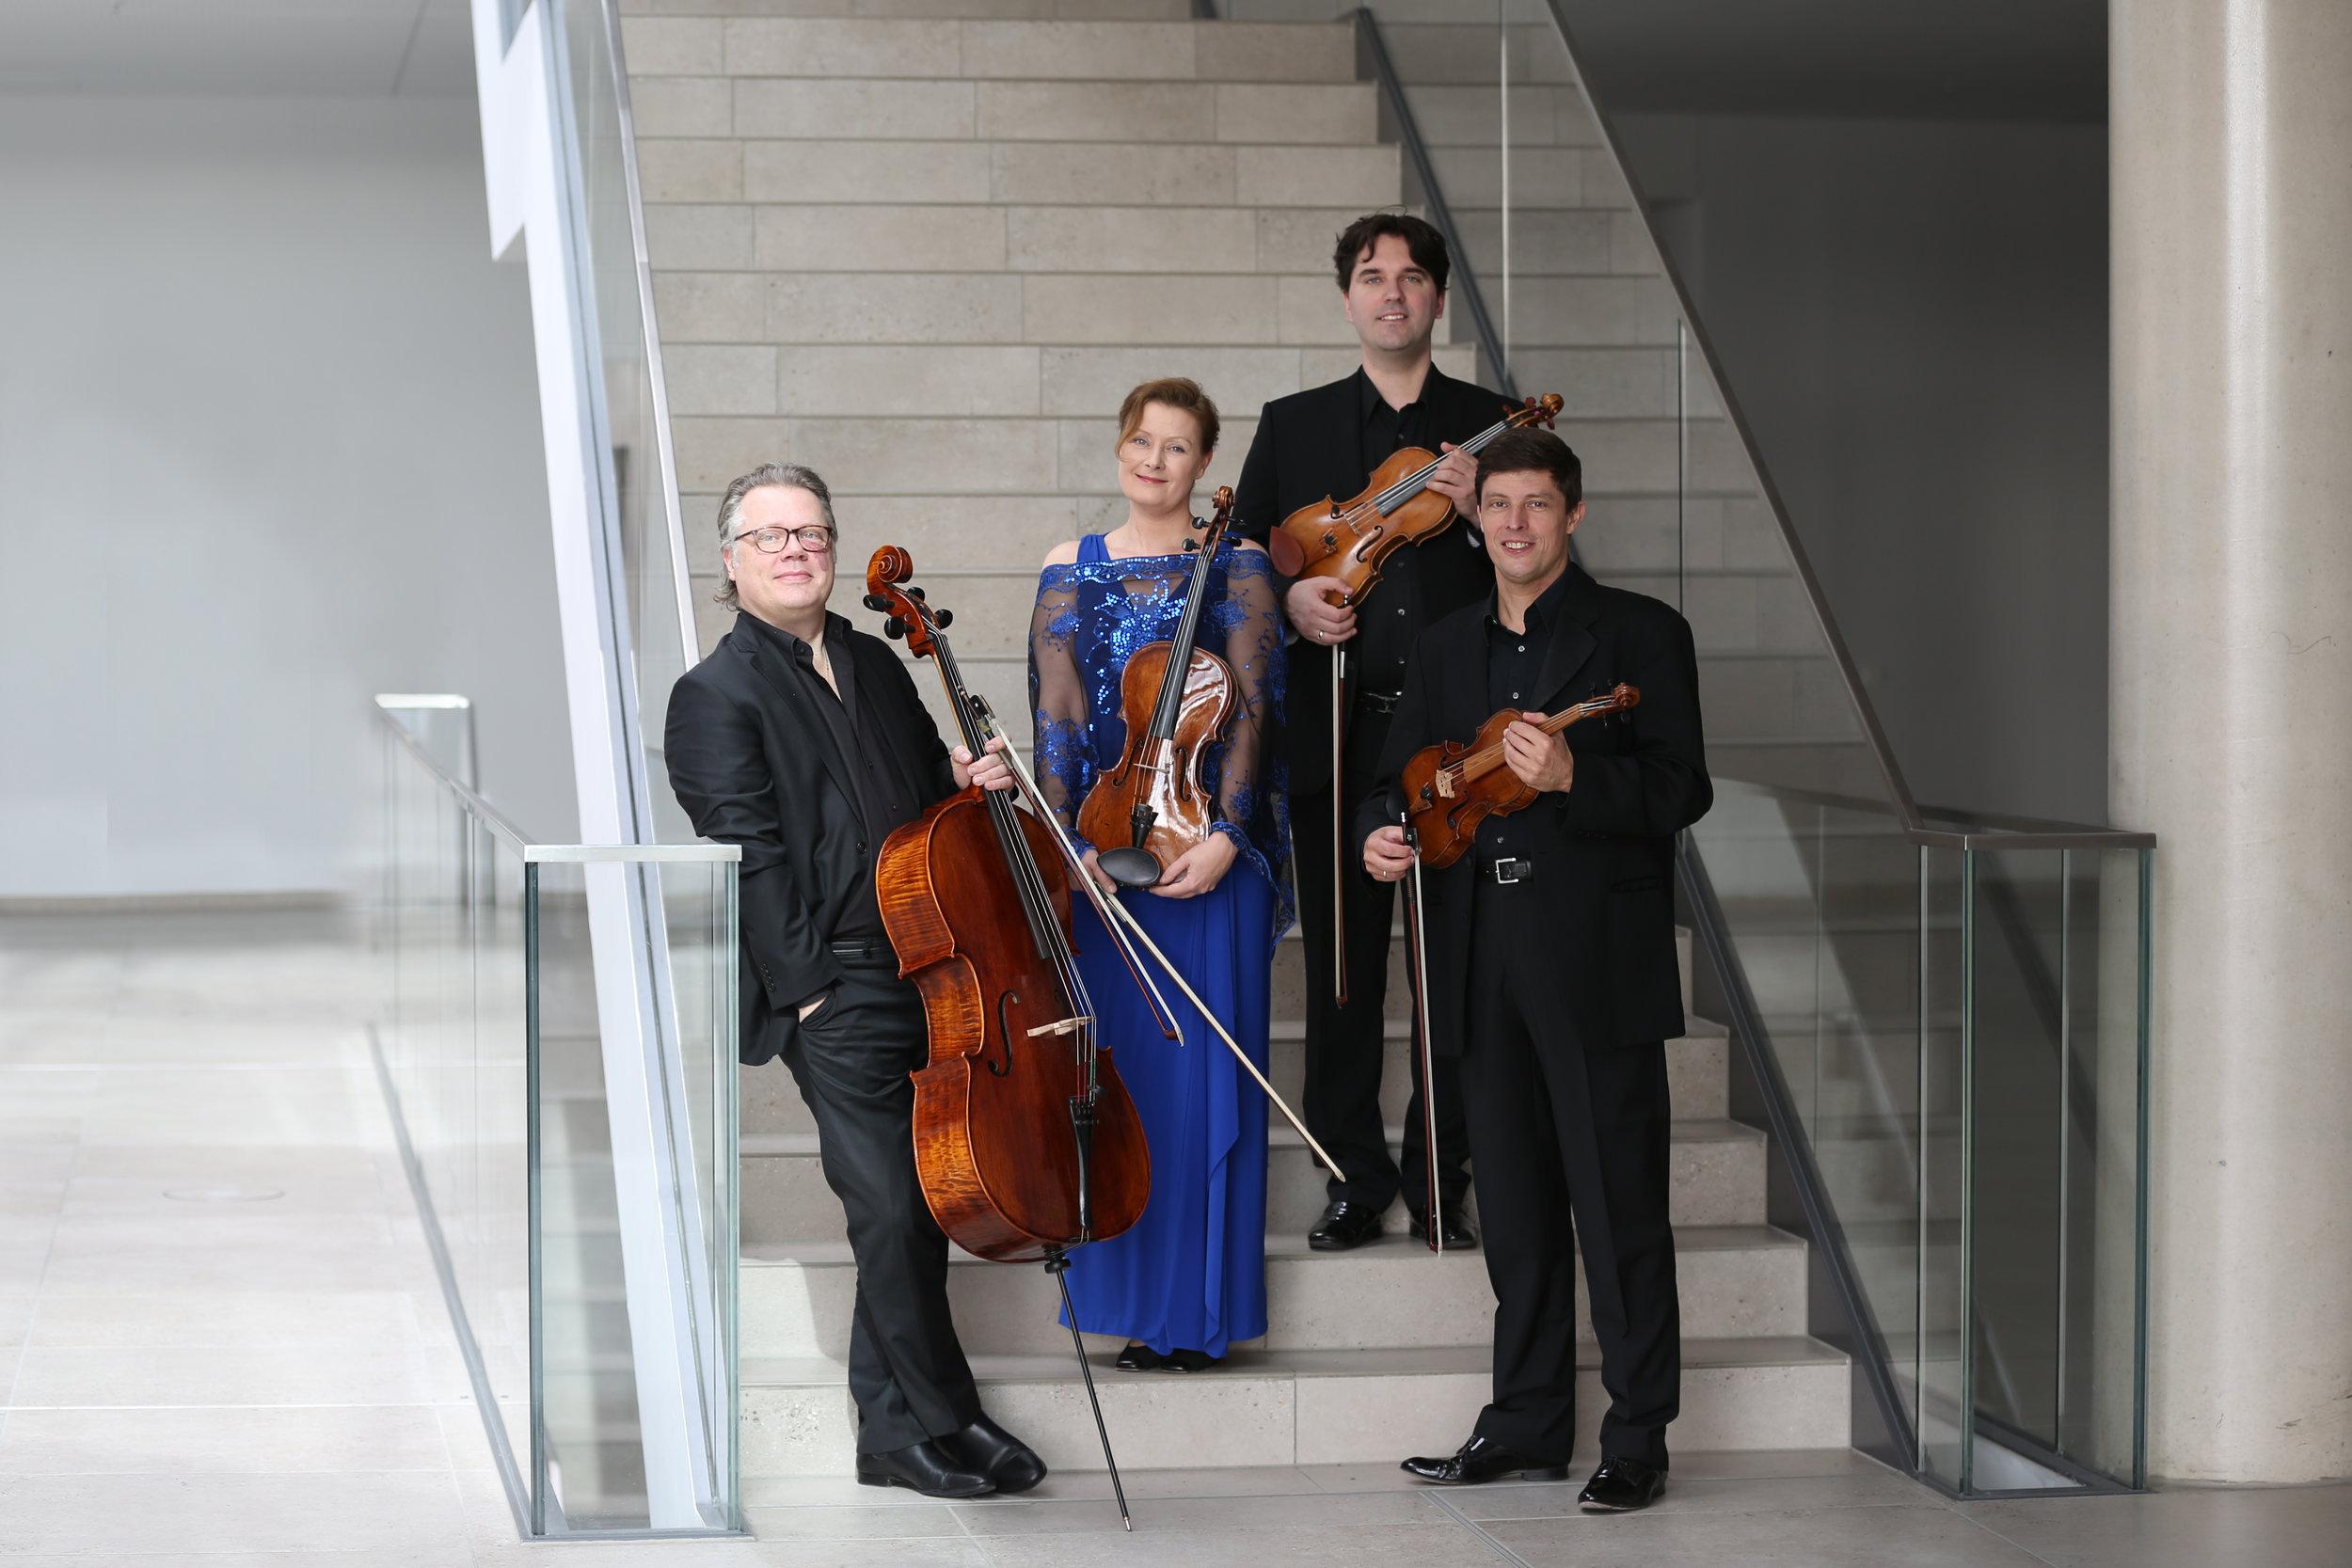 Henschel Quartett 2019 / © HP Remark